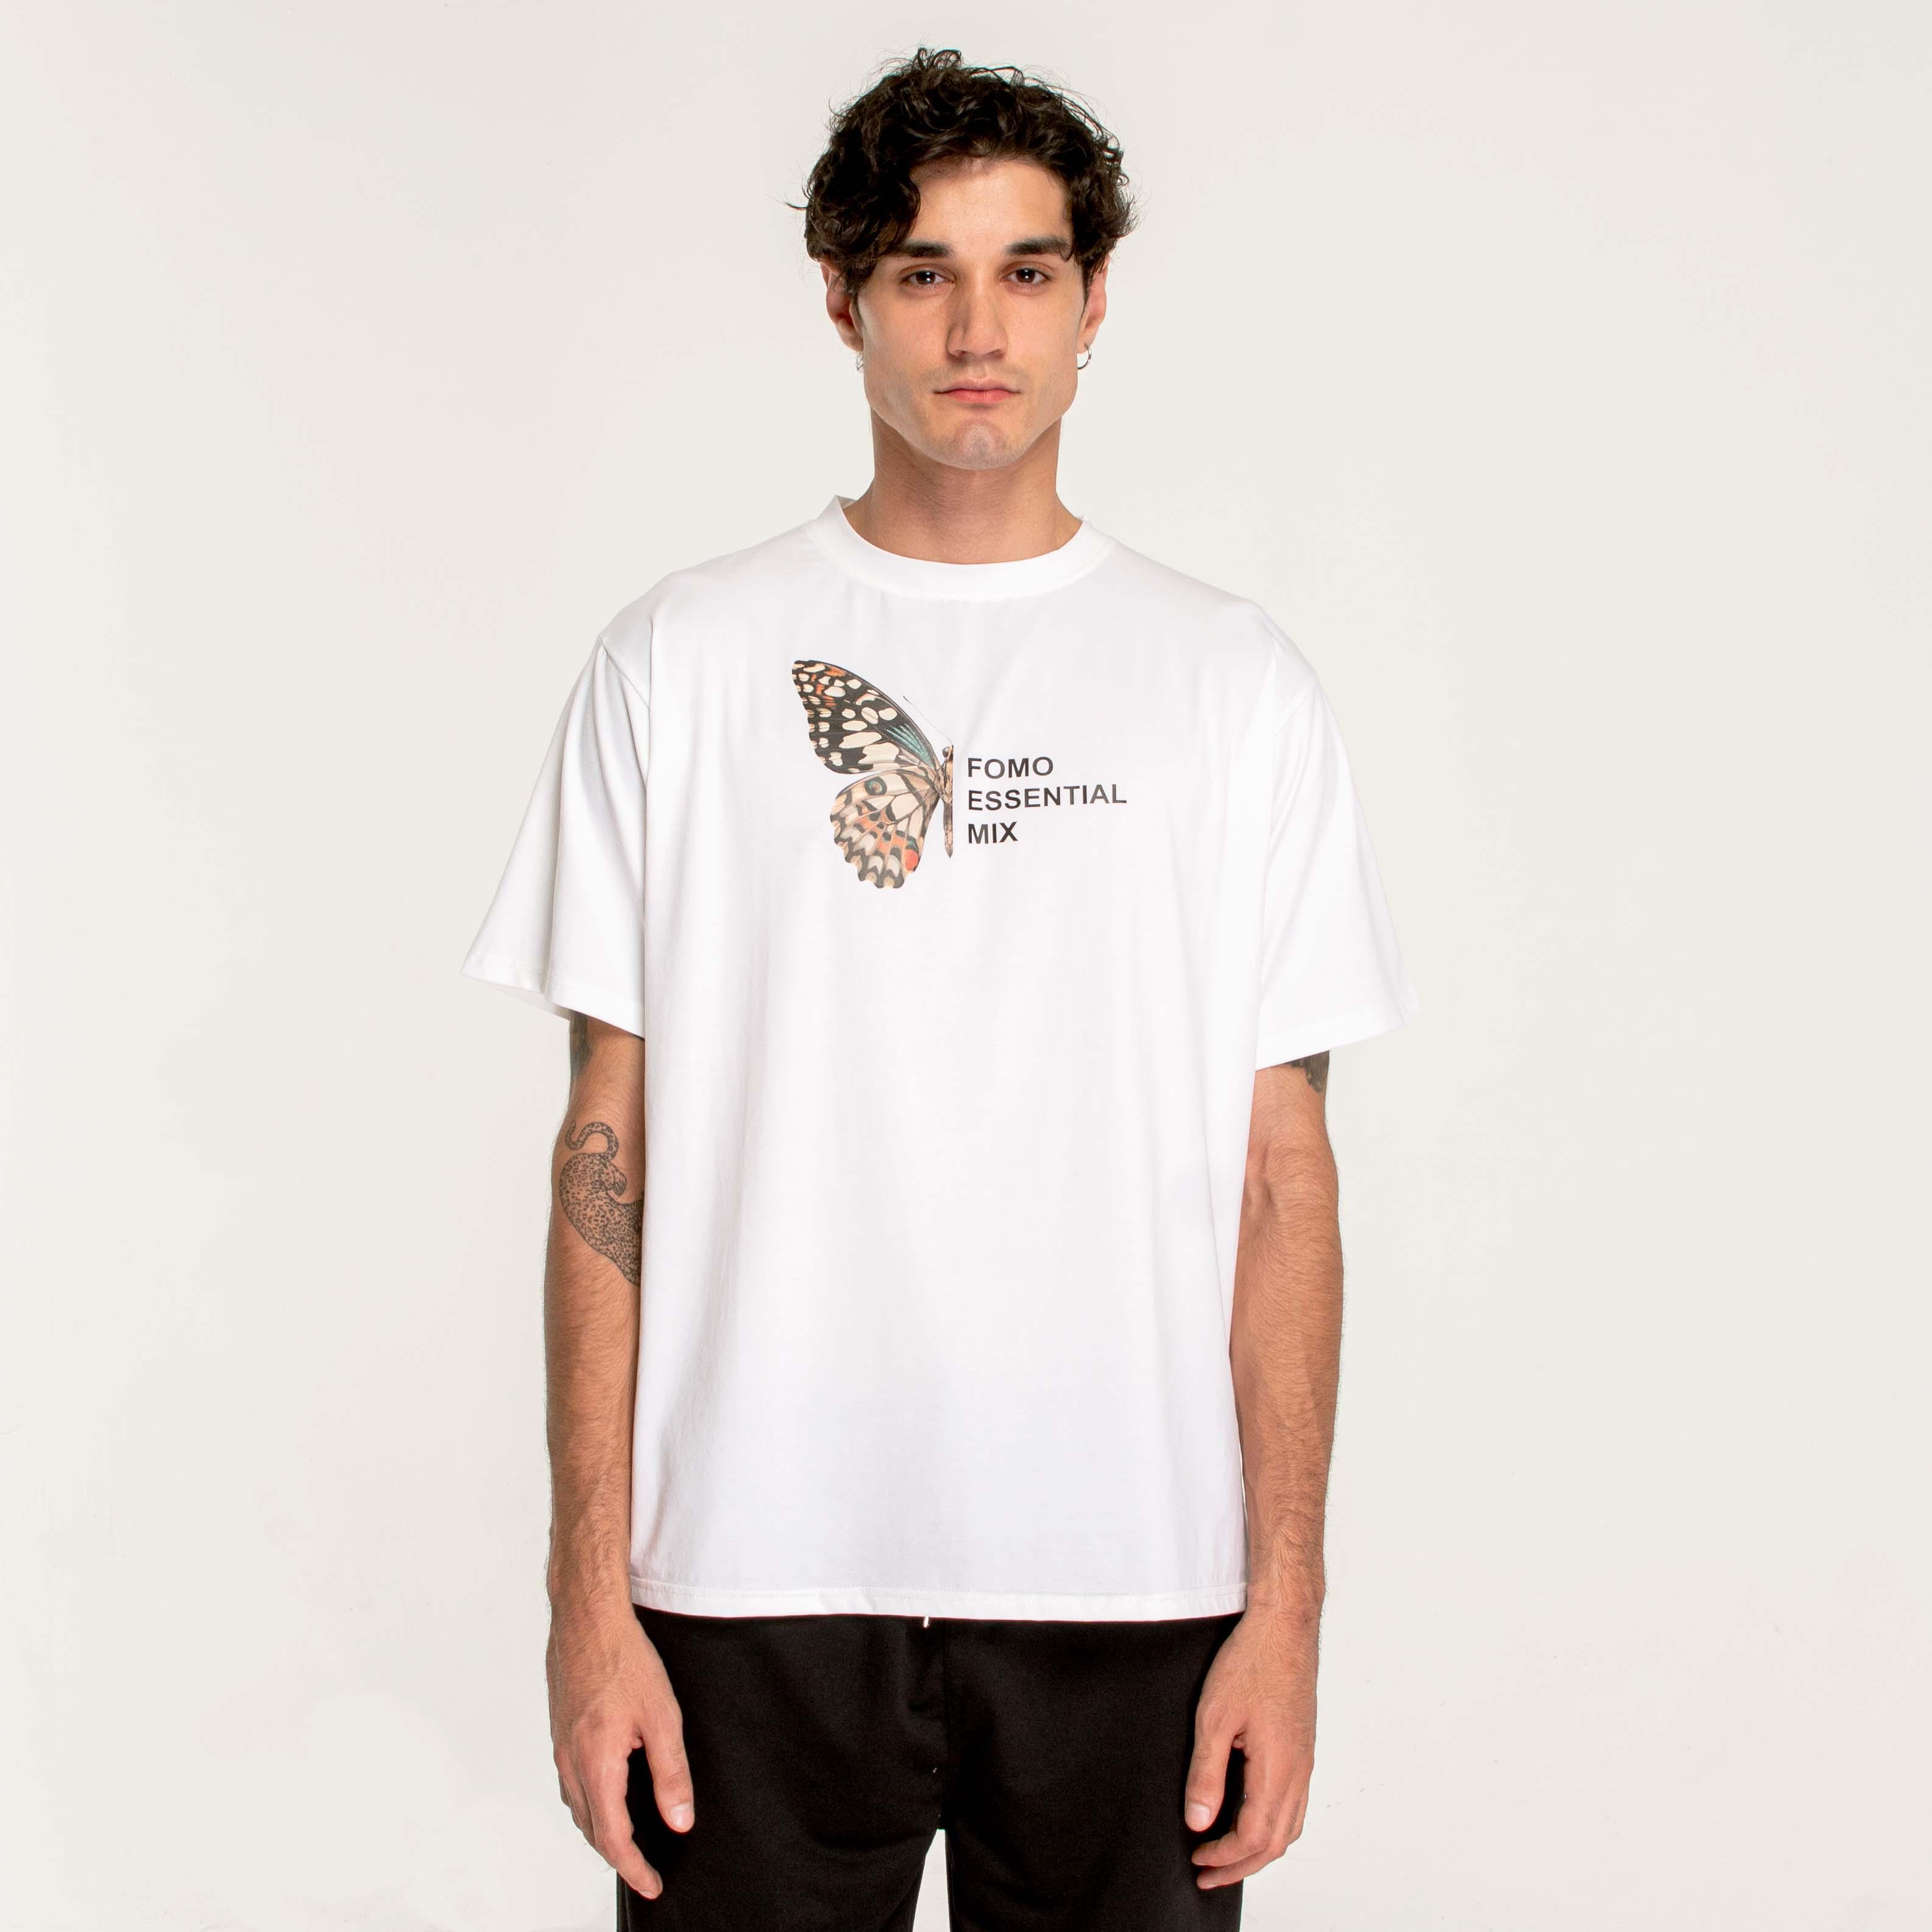 HALFLY T-SHIRT/WHITE